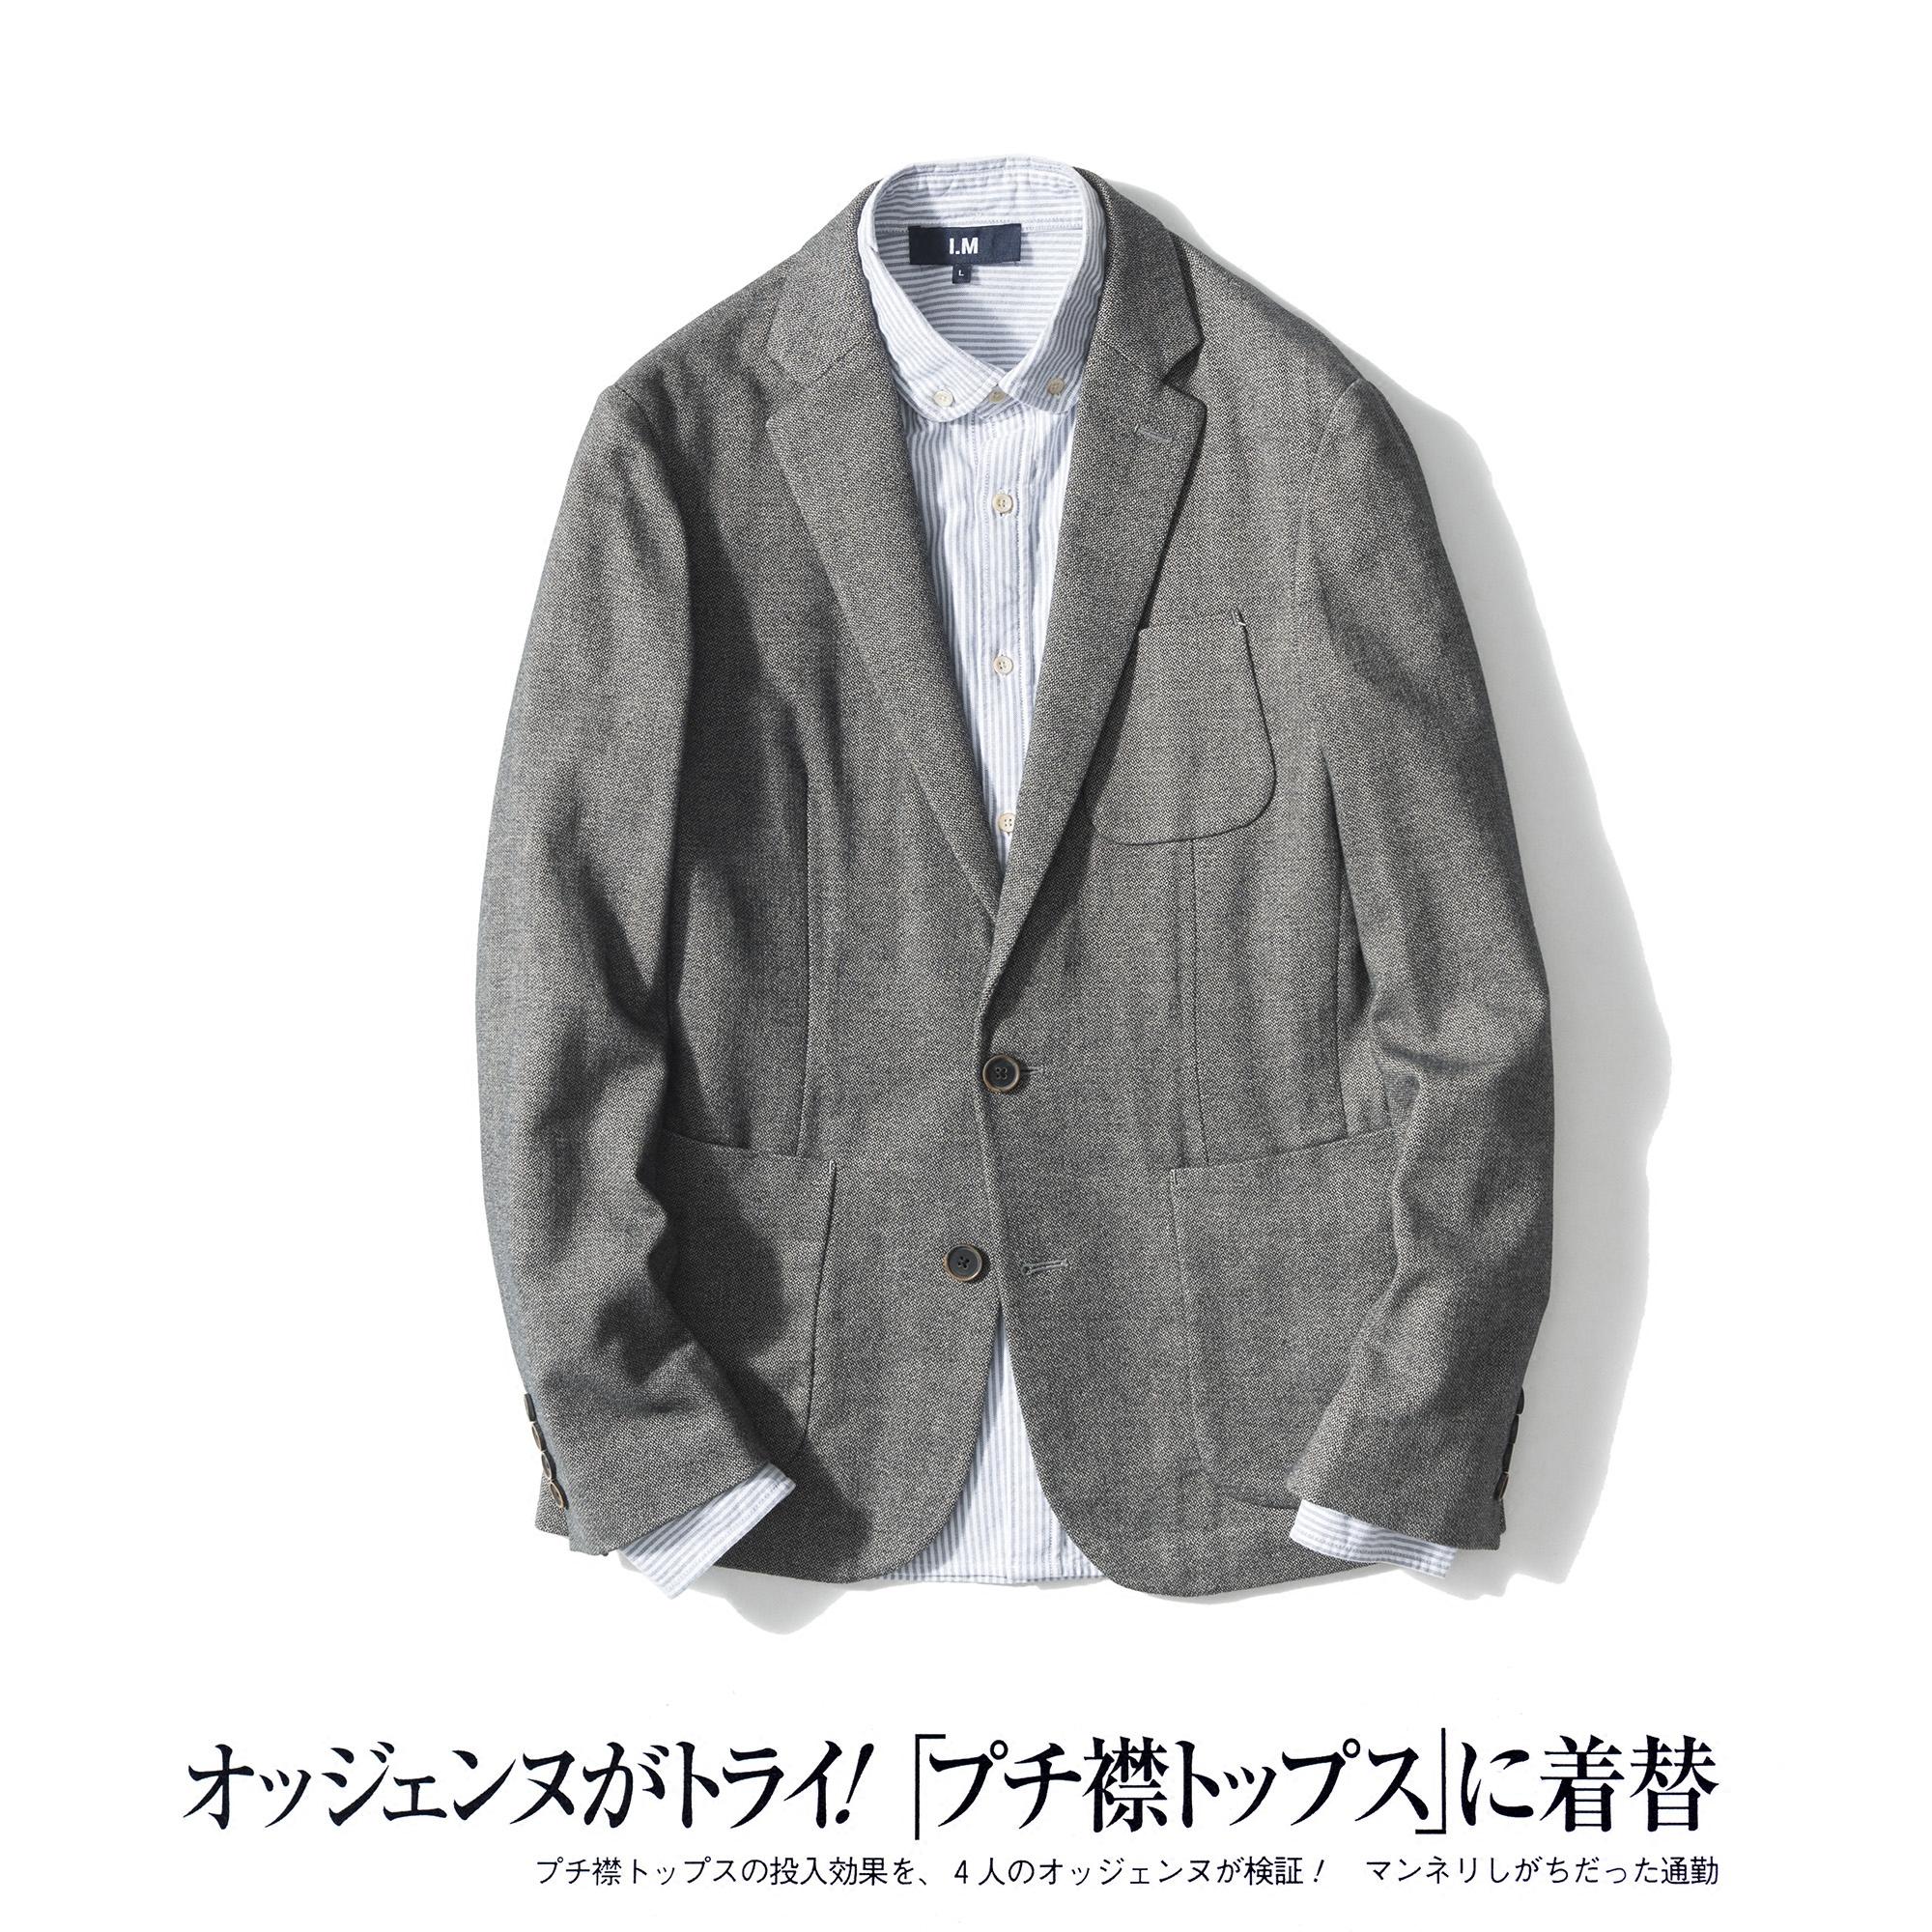 日系复古西服春季薄款纯棉窄领修身休闲西装男外套阿美咔叽小西装西服